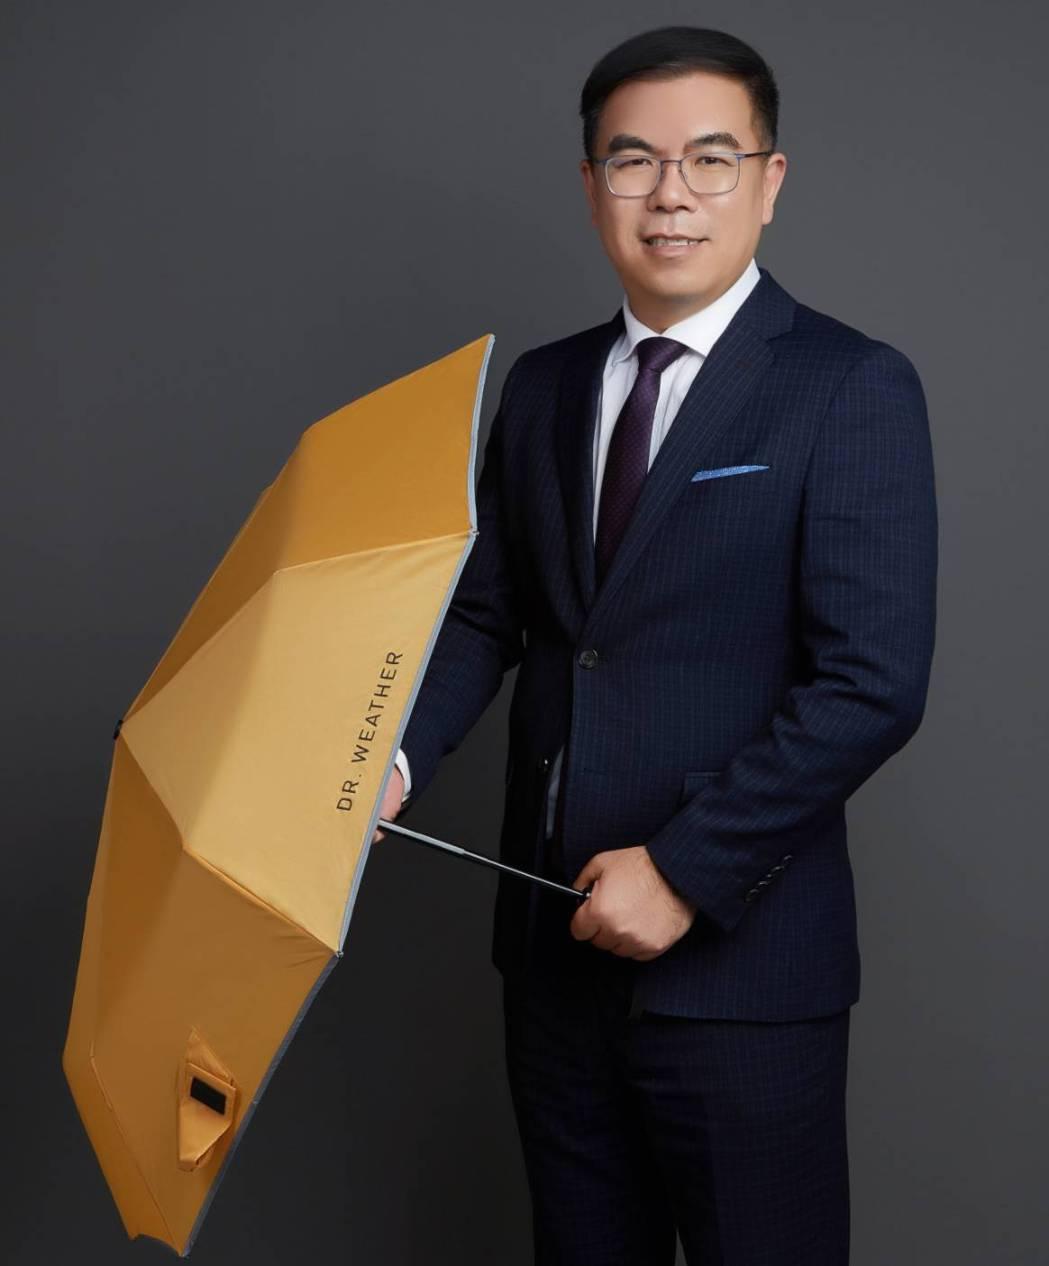 氣象專家彭啟明博士首度推出個人品牌商品「DR. WEATHER氣象博士抗風傘」。...